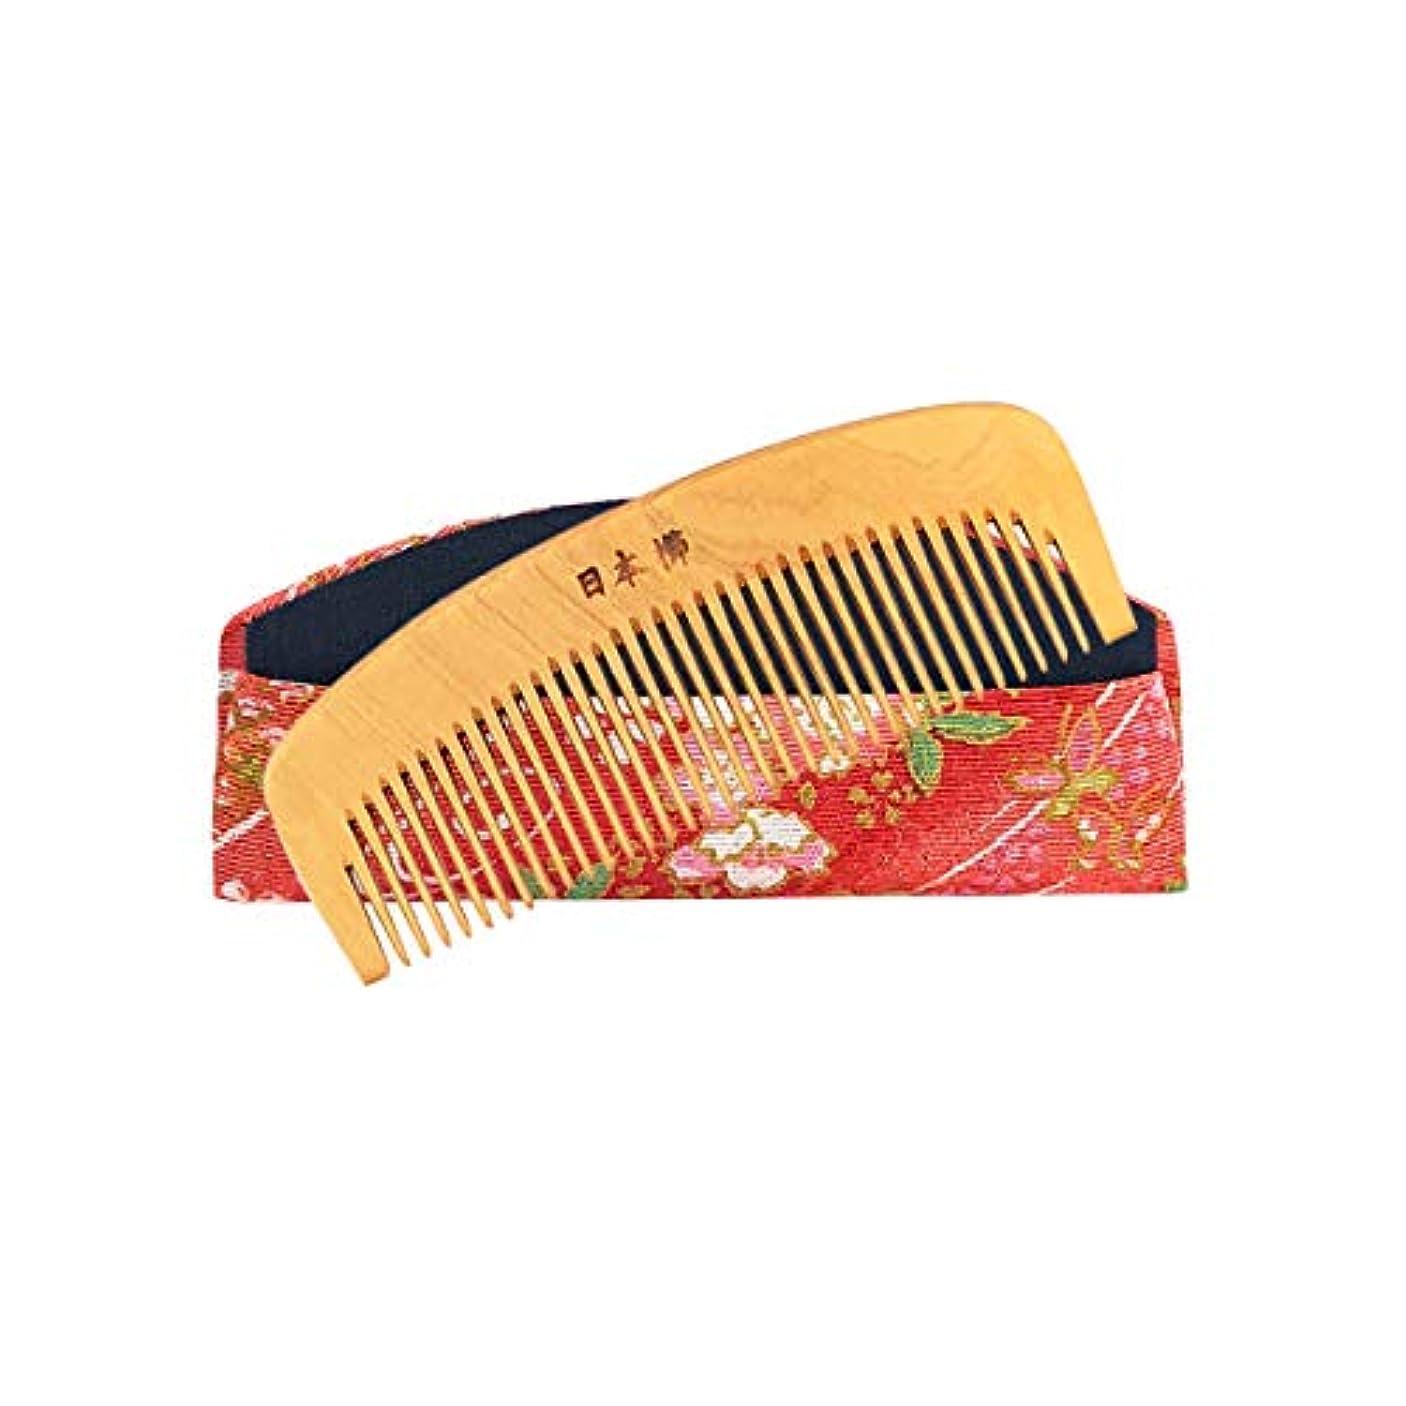 クレアケーブル脚本つげ櫛 3寸 とかし櫛 ケース付 椿油 静電気防止 つげ櫛 伝統工芸品 国産 日本製